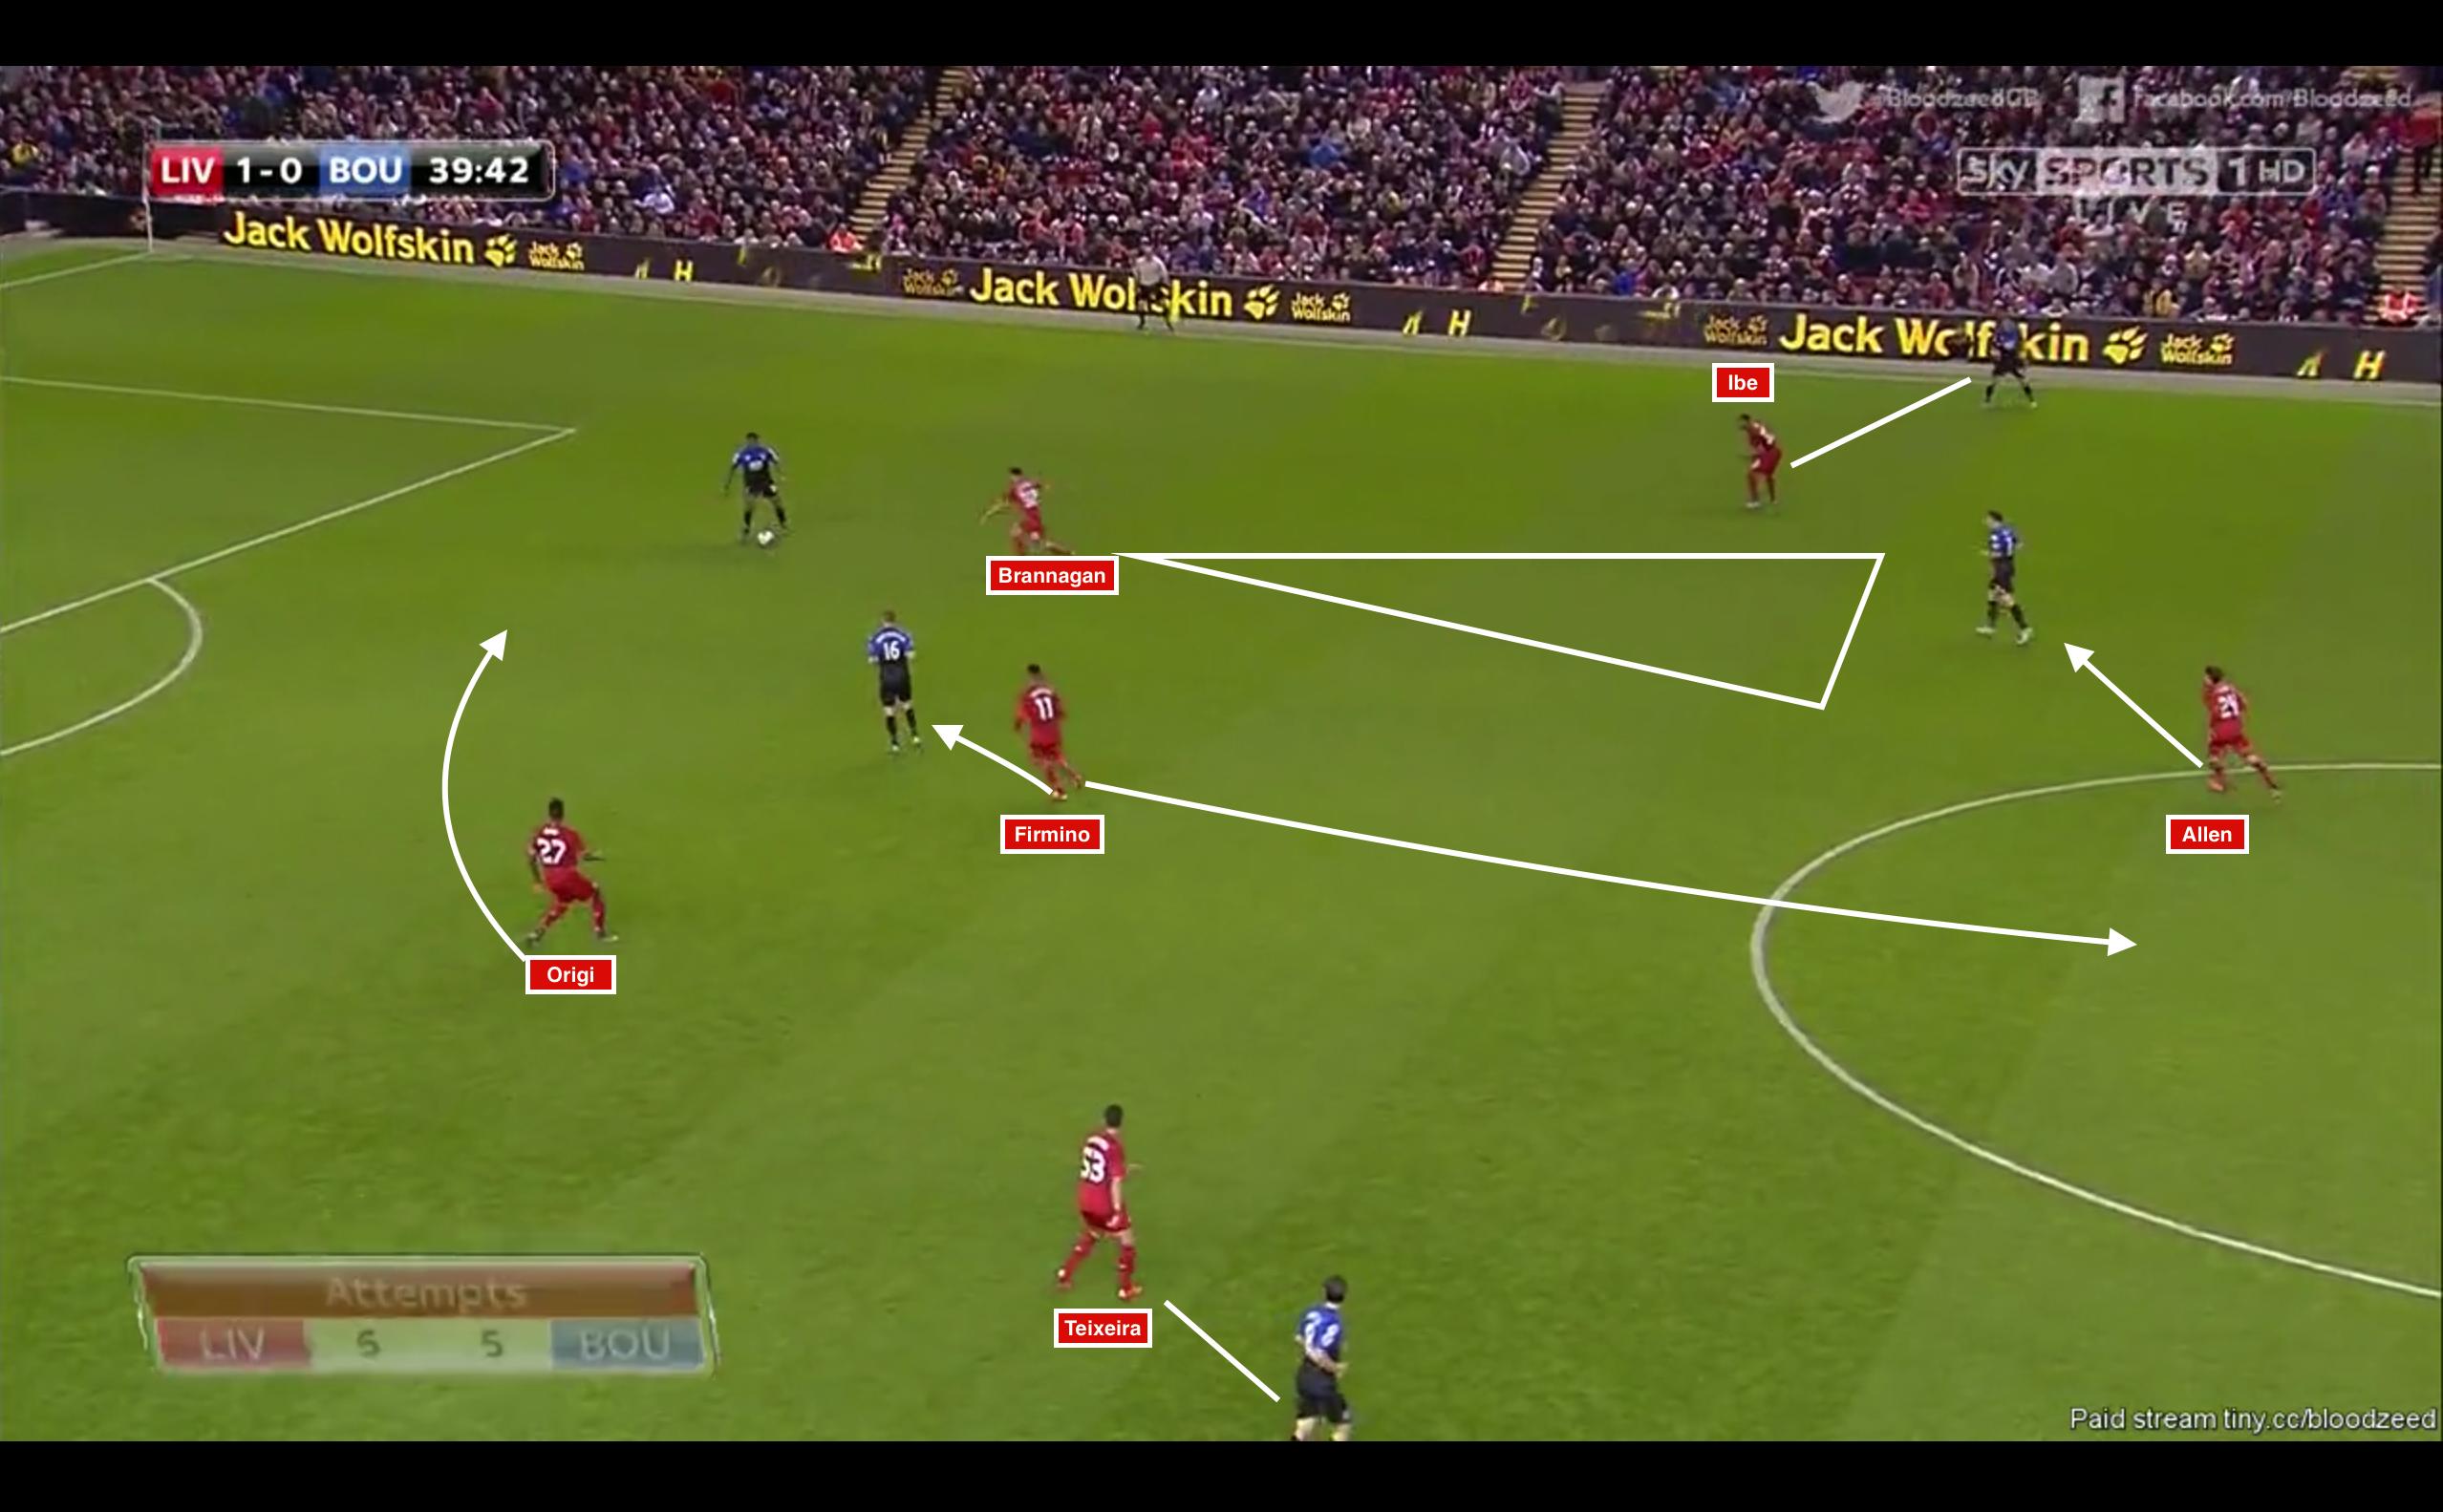 In diesem Bild sieht man gut das Pressing von den Reds gegen Bournemouth. Brannagan und Firmino rücken mannorientiert aus dem Verbund. Origi trennt die Innenverteidiger und die beiden Flügelspieler orientieren sich lose an den Außenverteidigern des Gegners. Das Ganze wird von Allen abgesichert, der entweder den Raum covert oder auf den Spieler schiebt. Es muss gesagt werden, dass dieser Screenshot ein extremes Beispiel ist nur selten beiden rausrückten, sondern eher 4-4-2 oder tiefere 4-1-4-1 Staffelungen entstanden. Brannagan spielte auch den defensiveren Part und sichert eher ab. Deshalb postierte sich Origi eher am rechten Innenverteidiger und lenkte das Spiel von Brannagan weg.